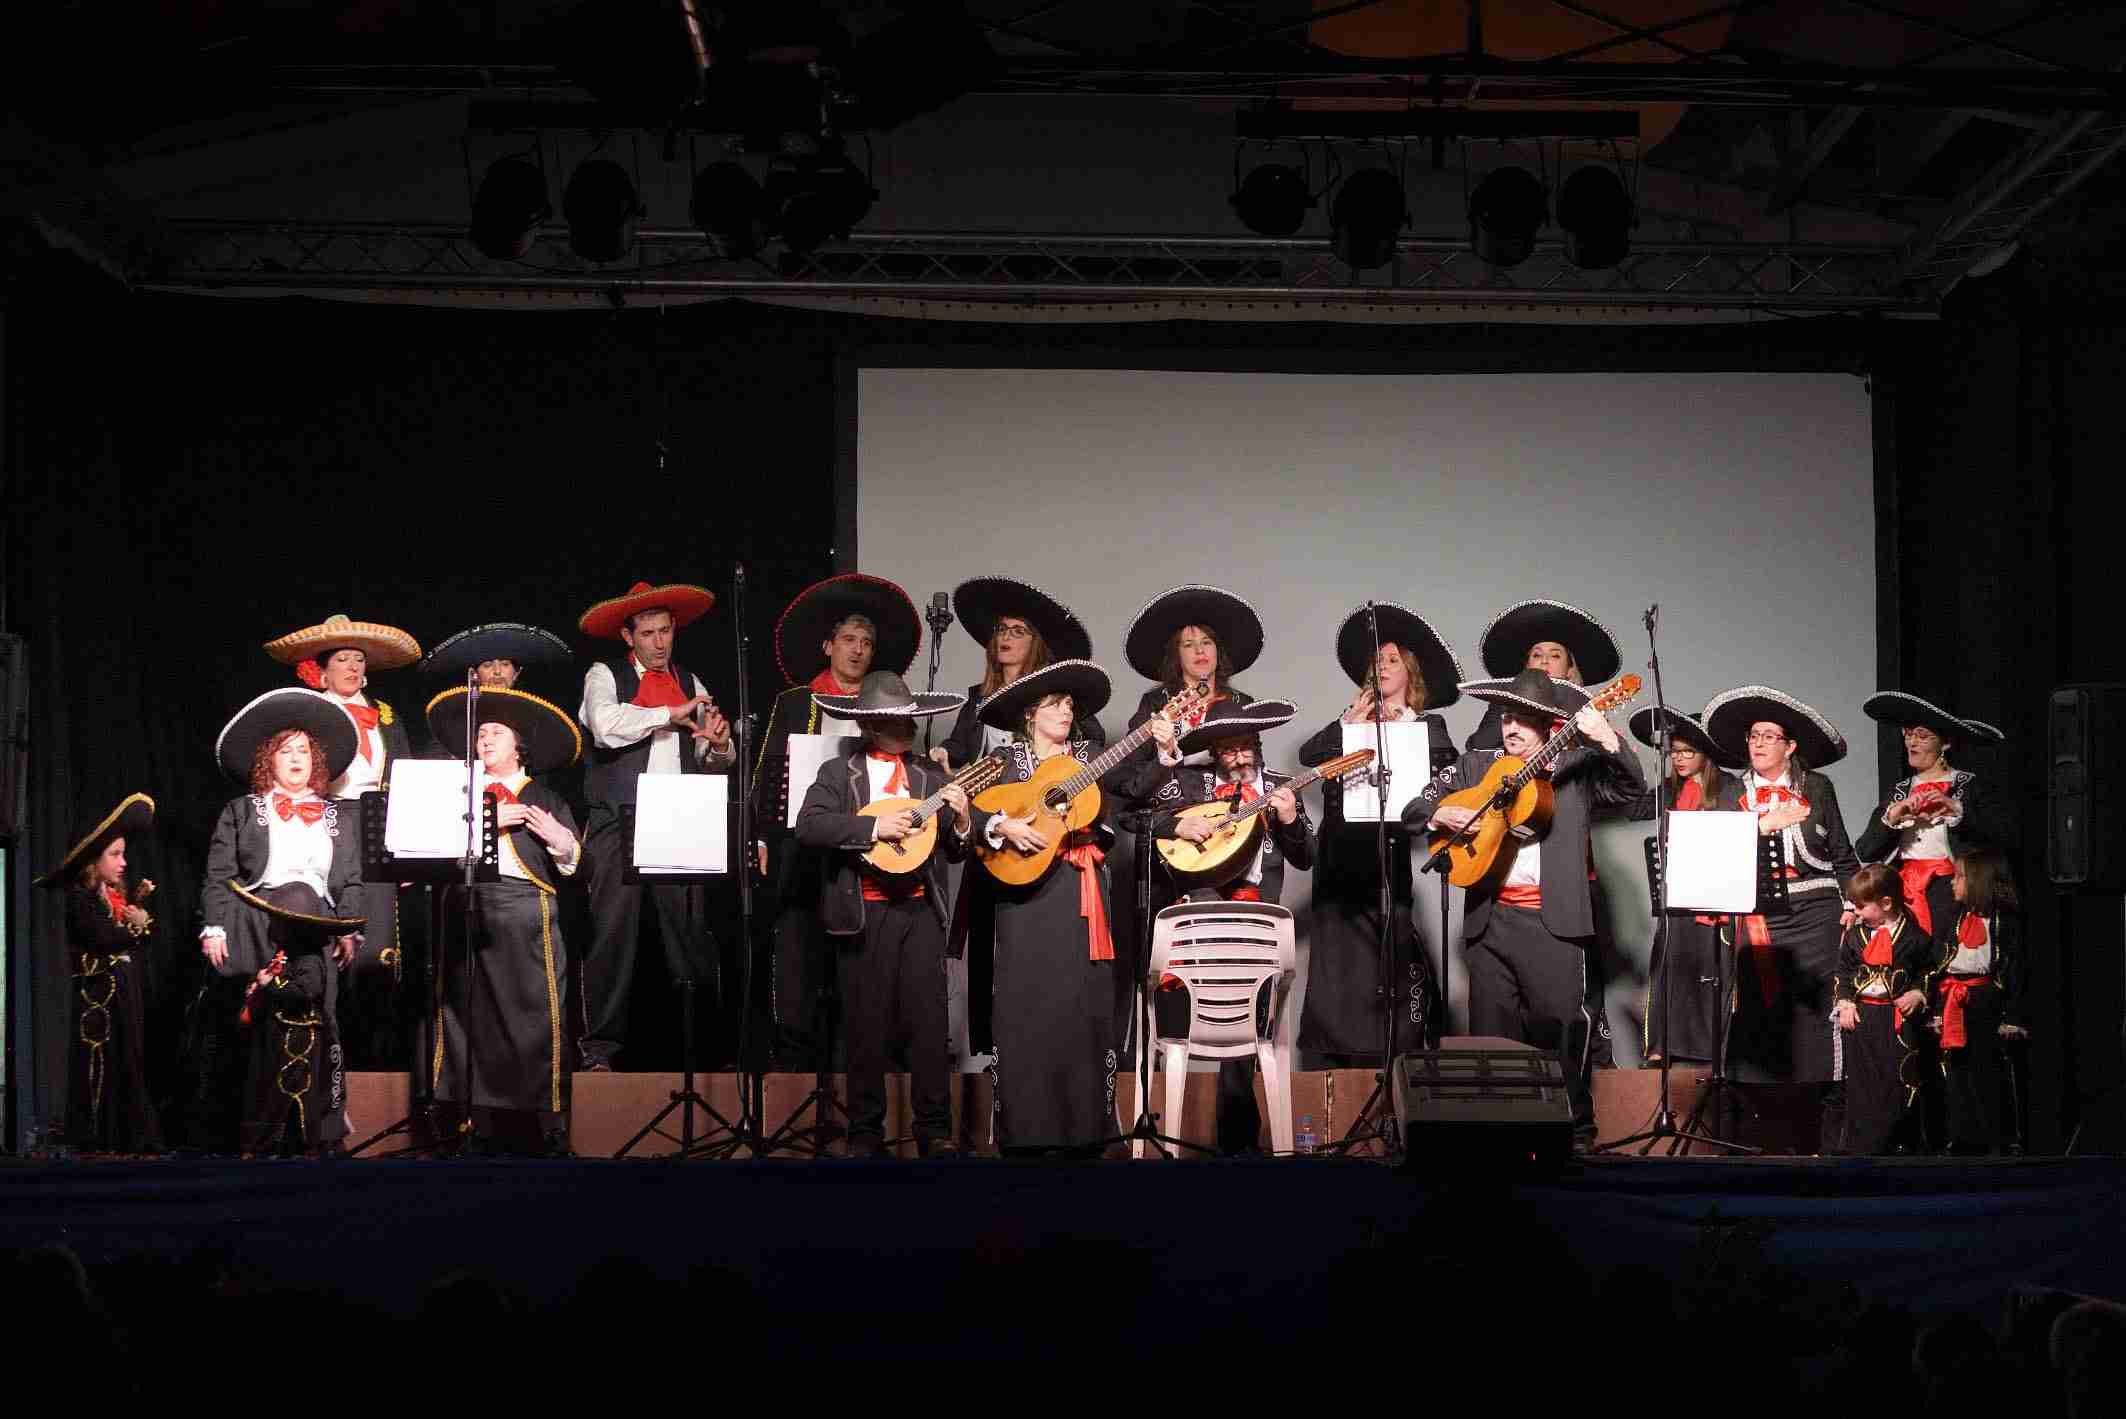 Inaugurado el Carnaval 2020 de Argamasilla de Alba 21